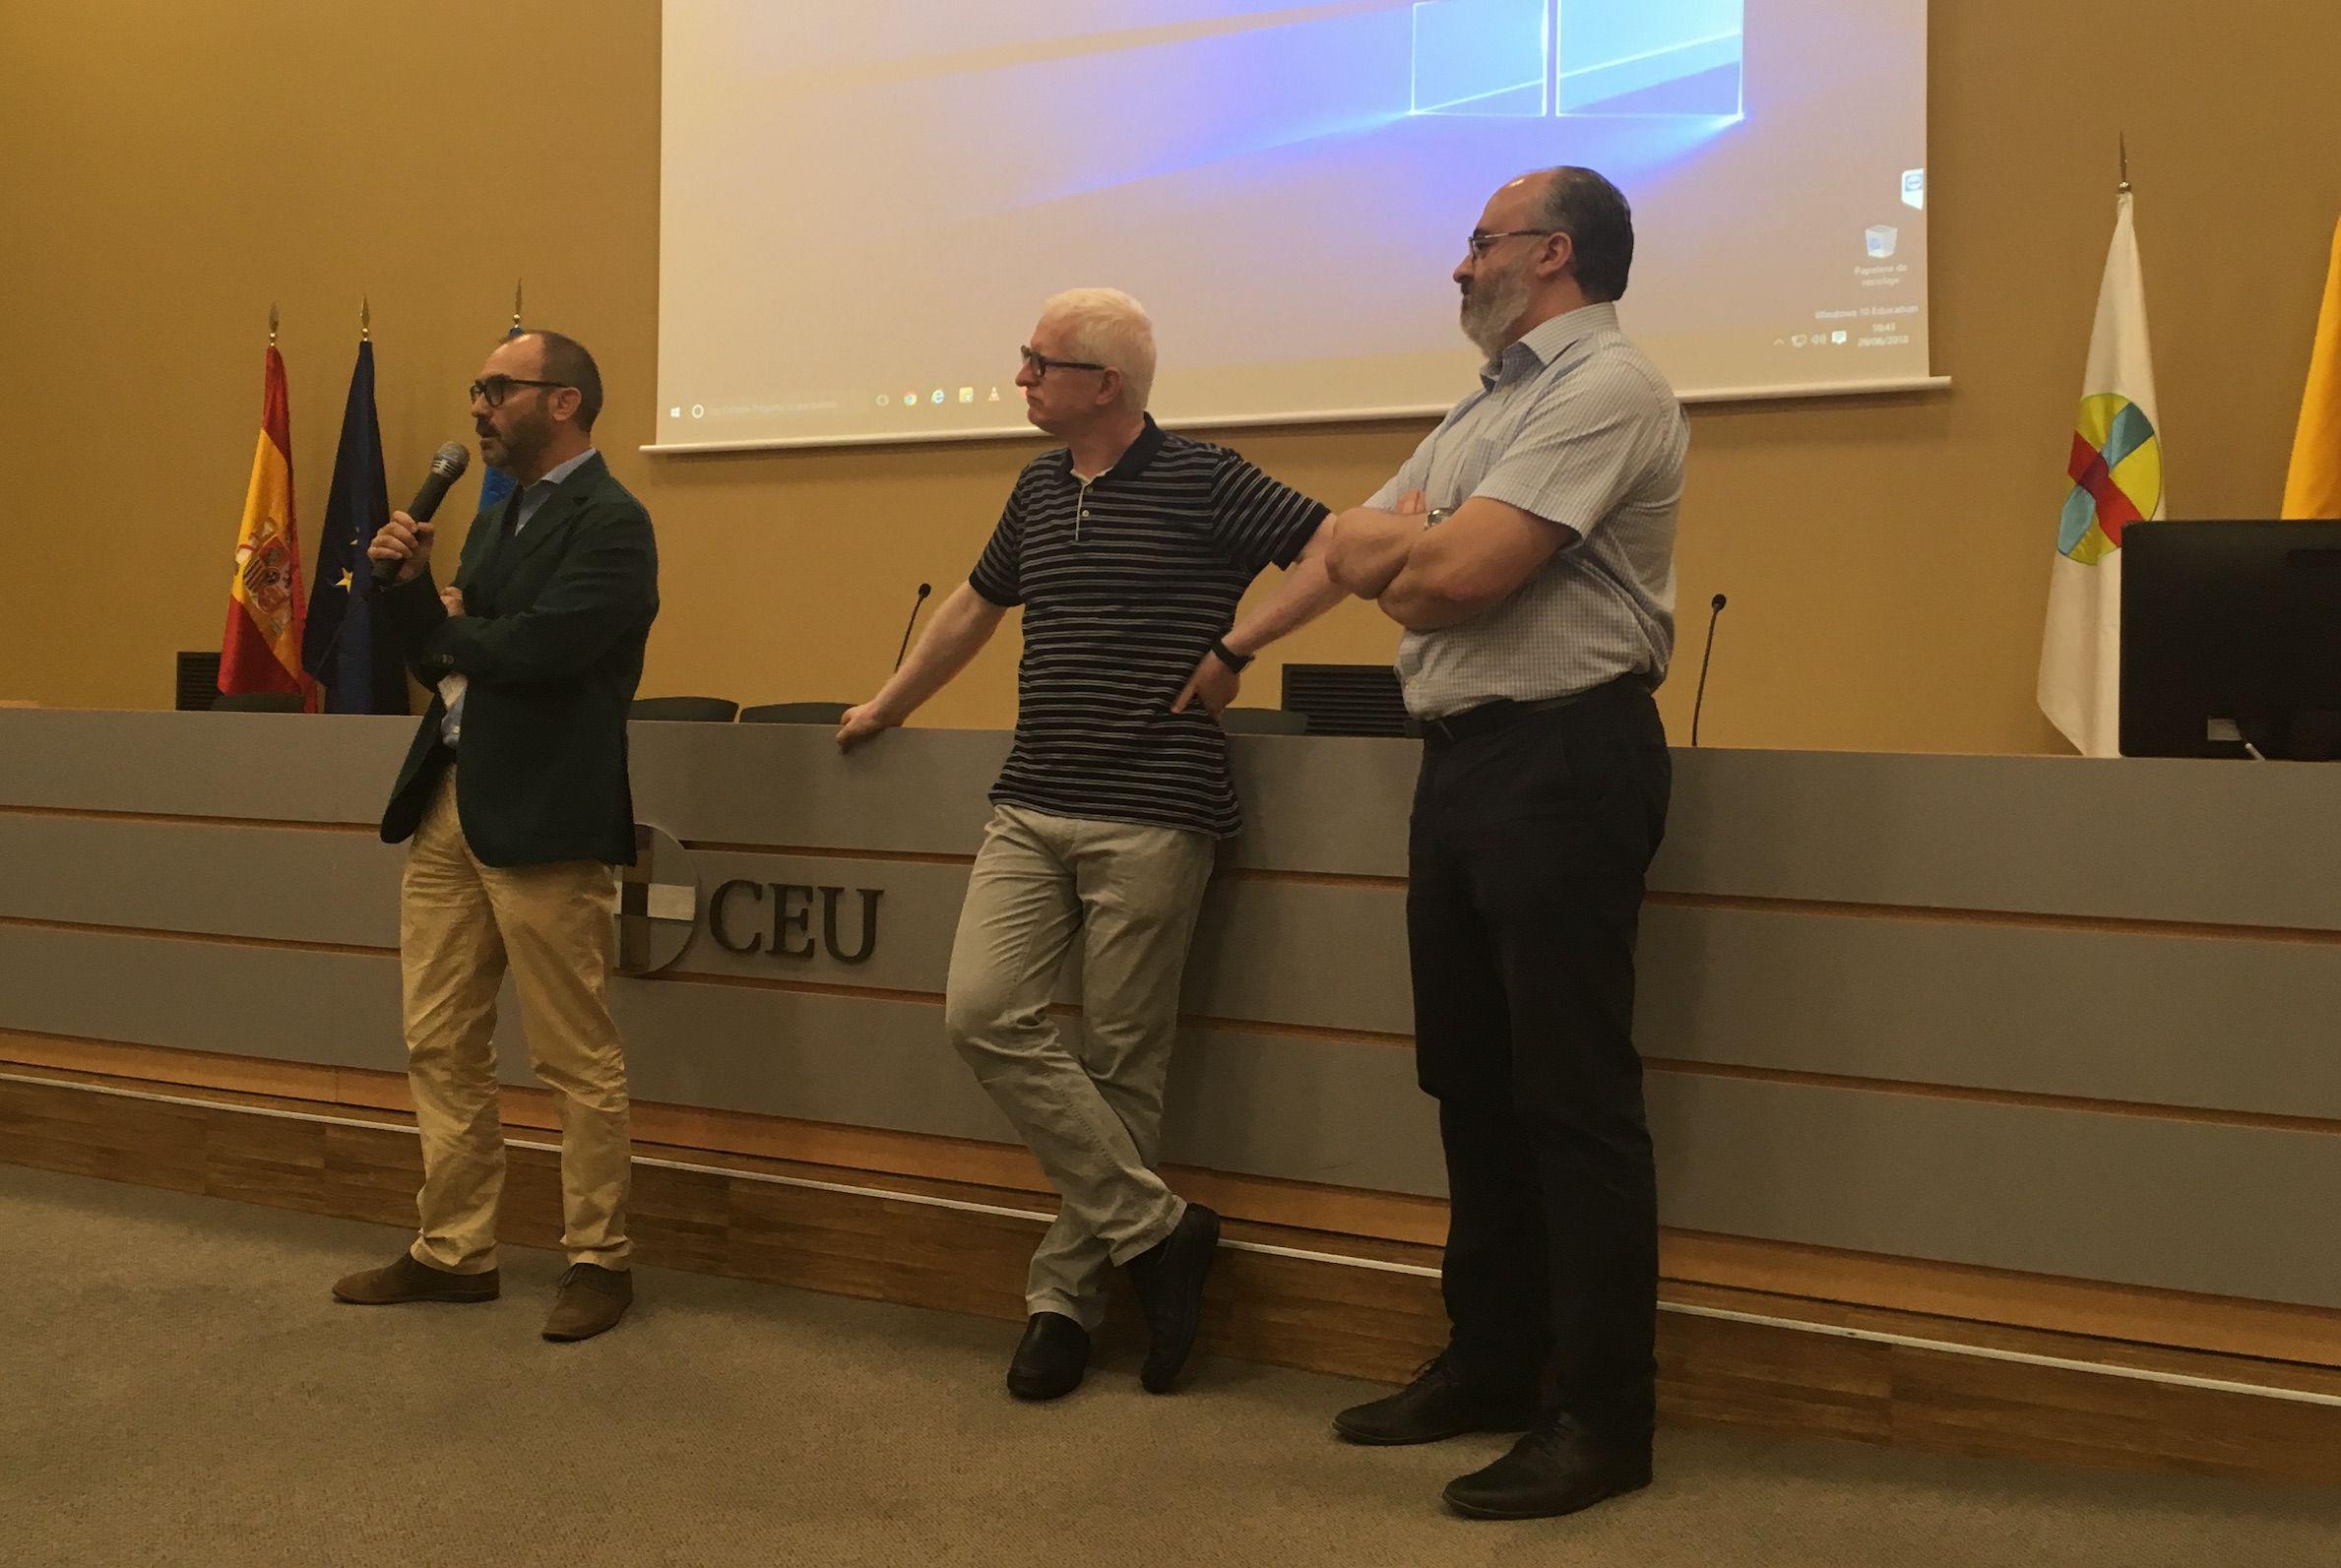 El vicerrector de Investigación de la CEU UCH, Ignacio Pérez Roger, con el director de ODISEAS, Josep Solves, y el director de Instituto de Ciencias Biomédicas, Francisco Bosch, en la reunión de presentación.